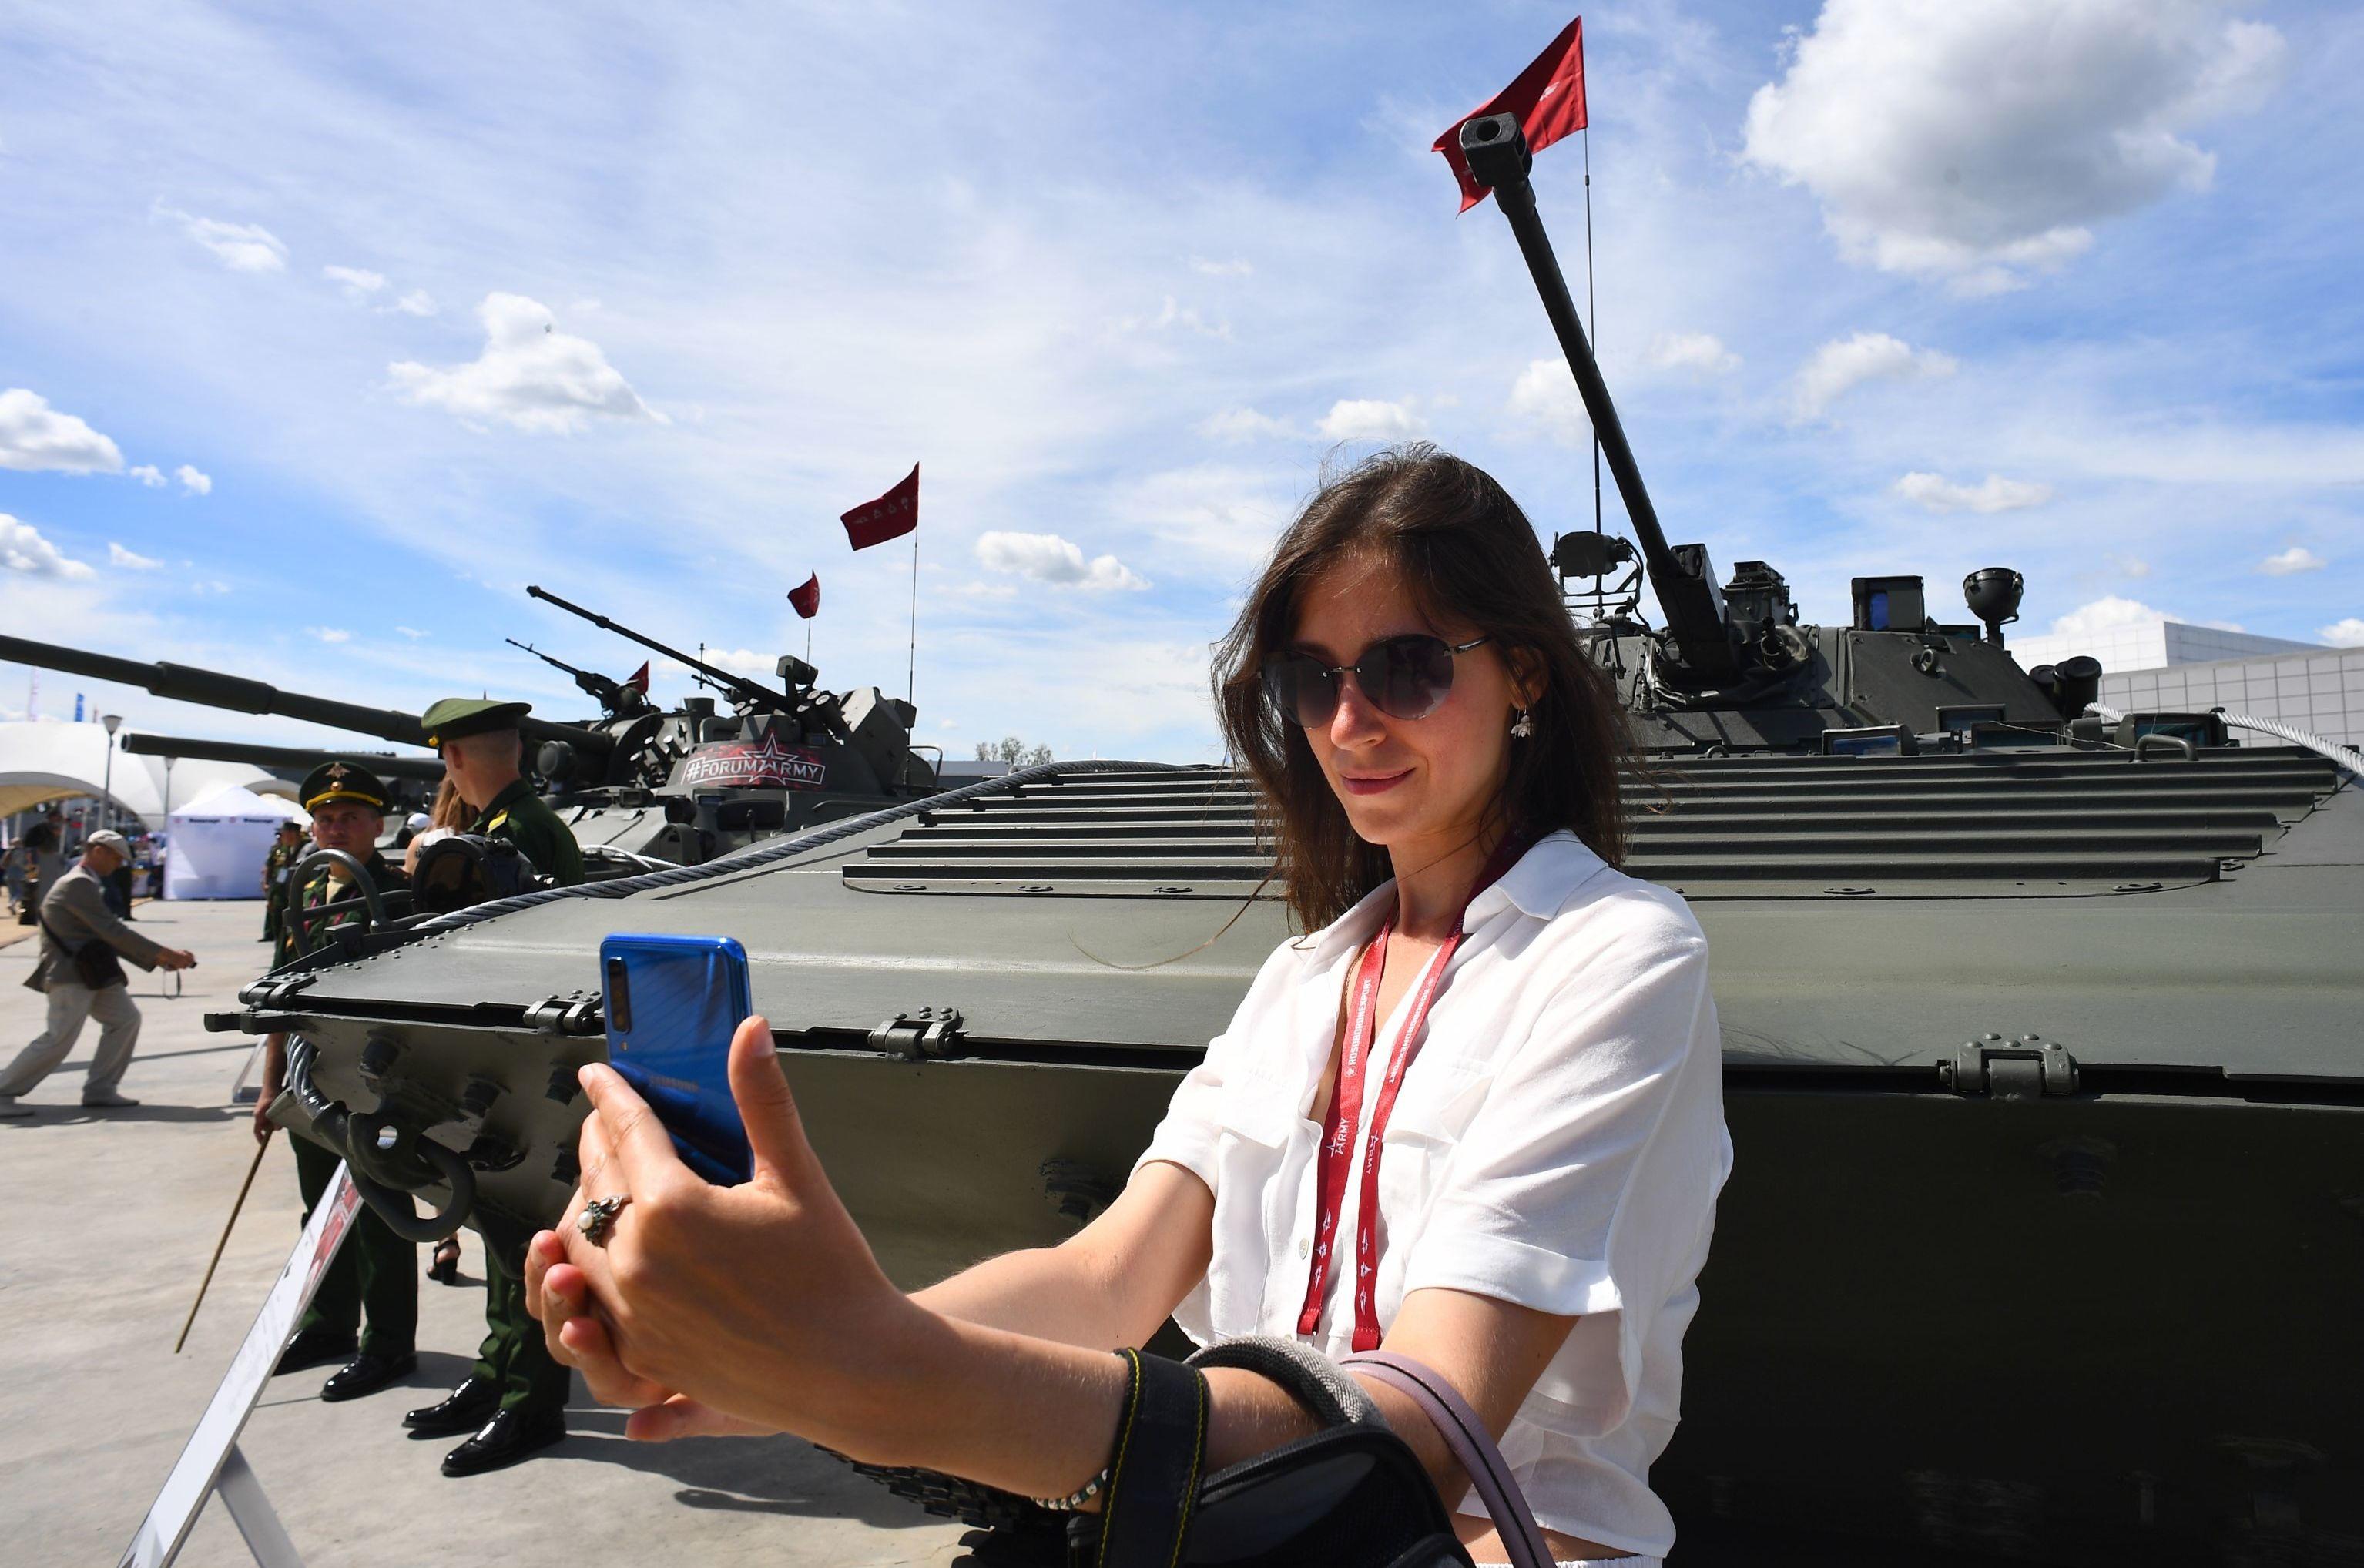 Visitante tira selfie com veículo de combate de infantaria BMP-2 no fórum internacional técnico-militar EXÉRCITO 2019